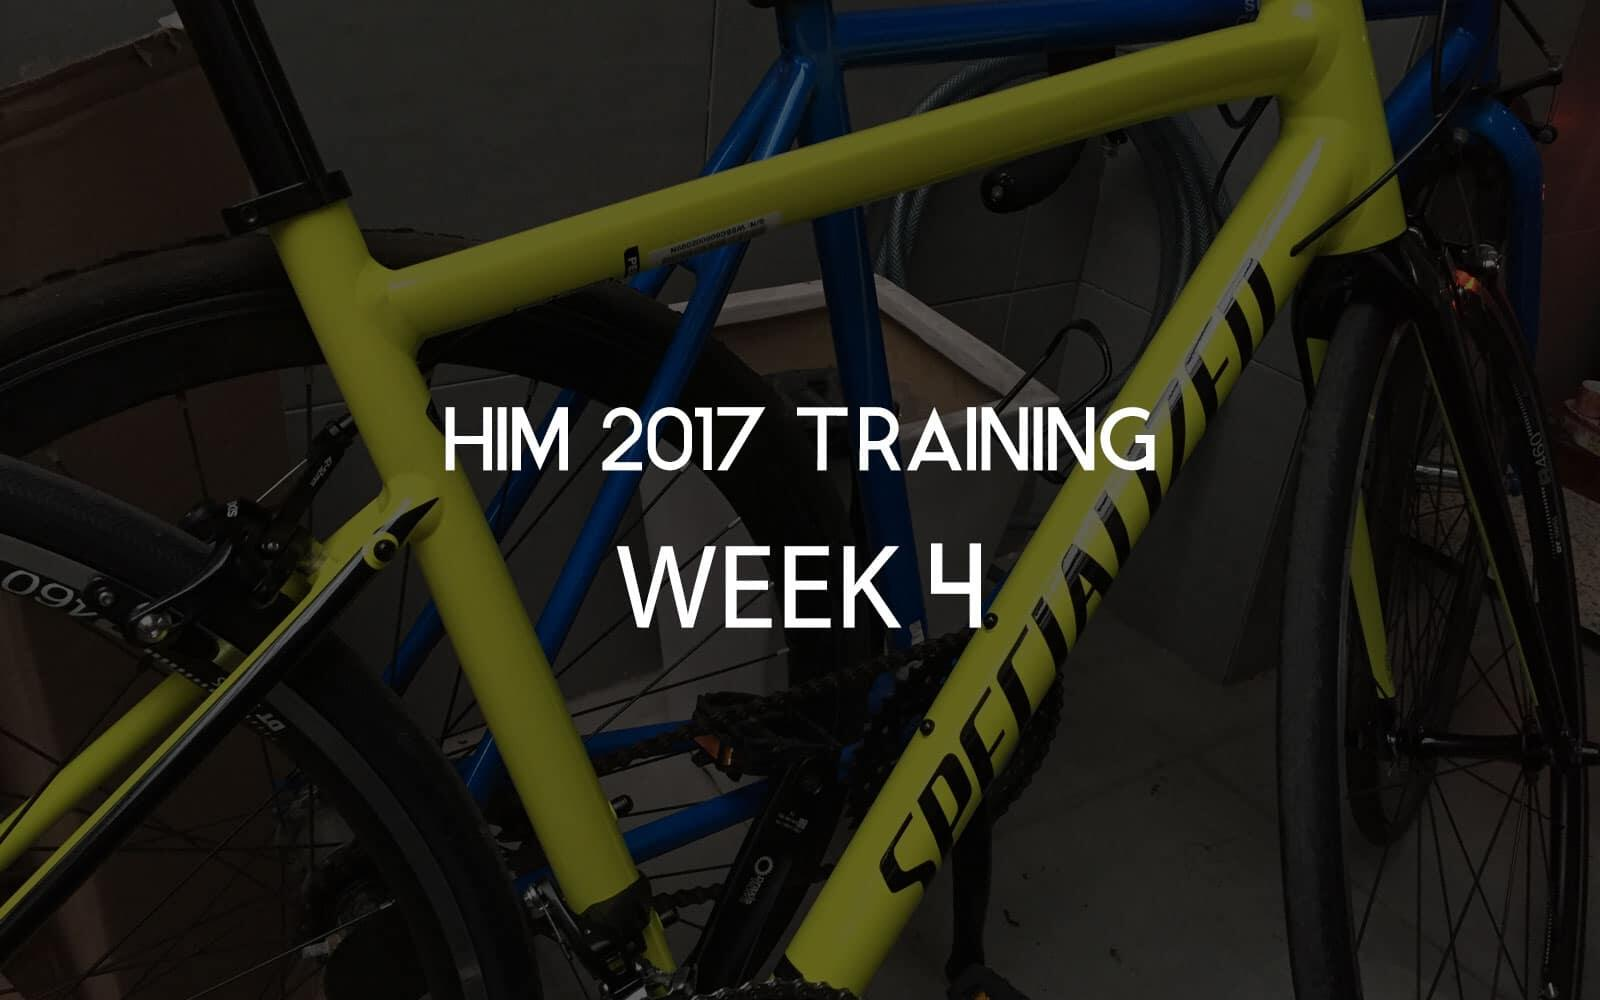 [HIM 2017] Tuần 4 – Trúng gió giữa tuần, bể hết bài vỡ